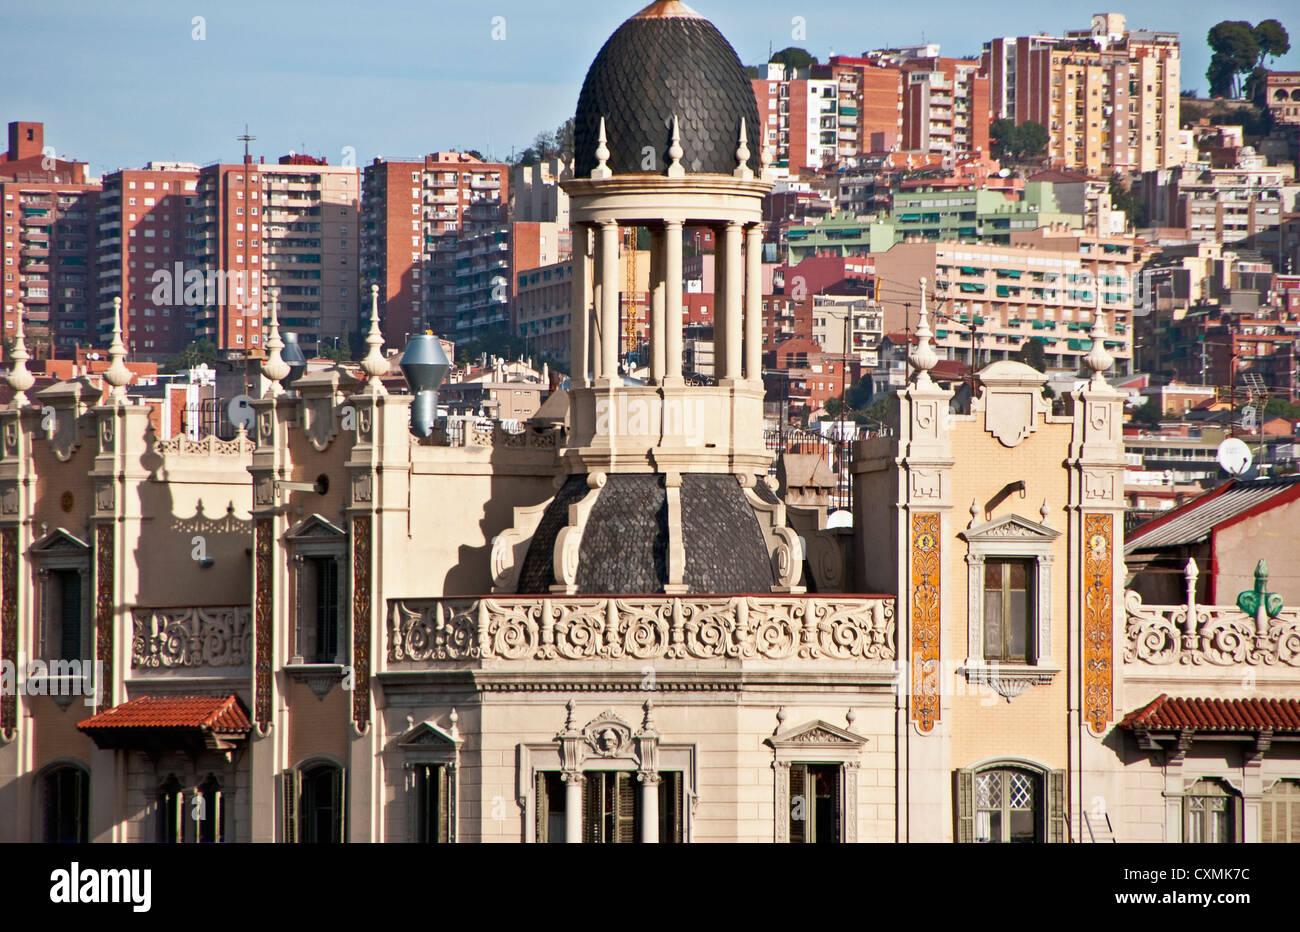 Architettura di Barcellona che vanno dall'ornato all ordinario Immagini Stock